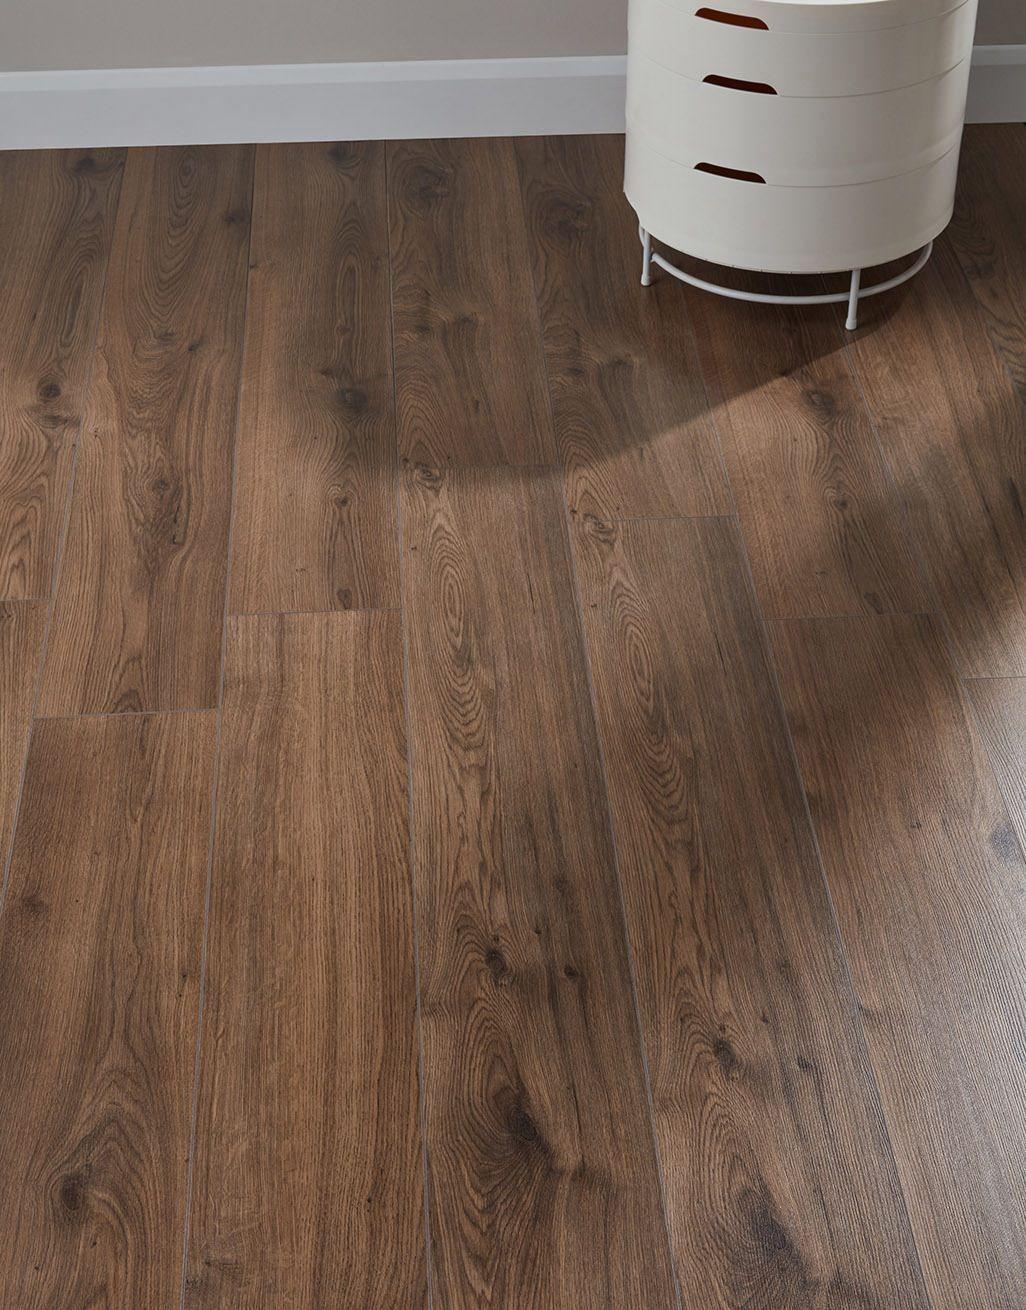 Farmhouse Dark Oak Laminate Flooring Oak Laminate Flooring Oak Laminate Direct Wood Flooring